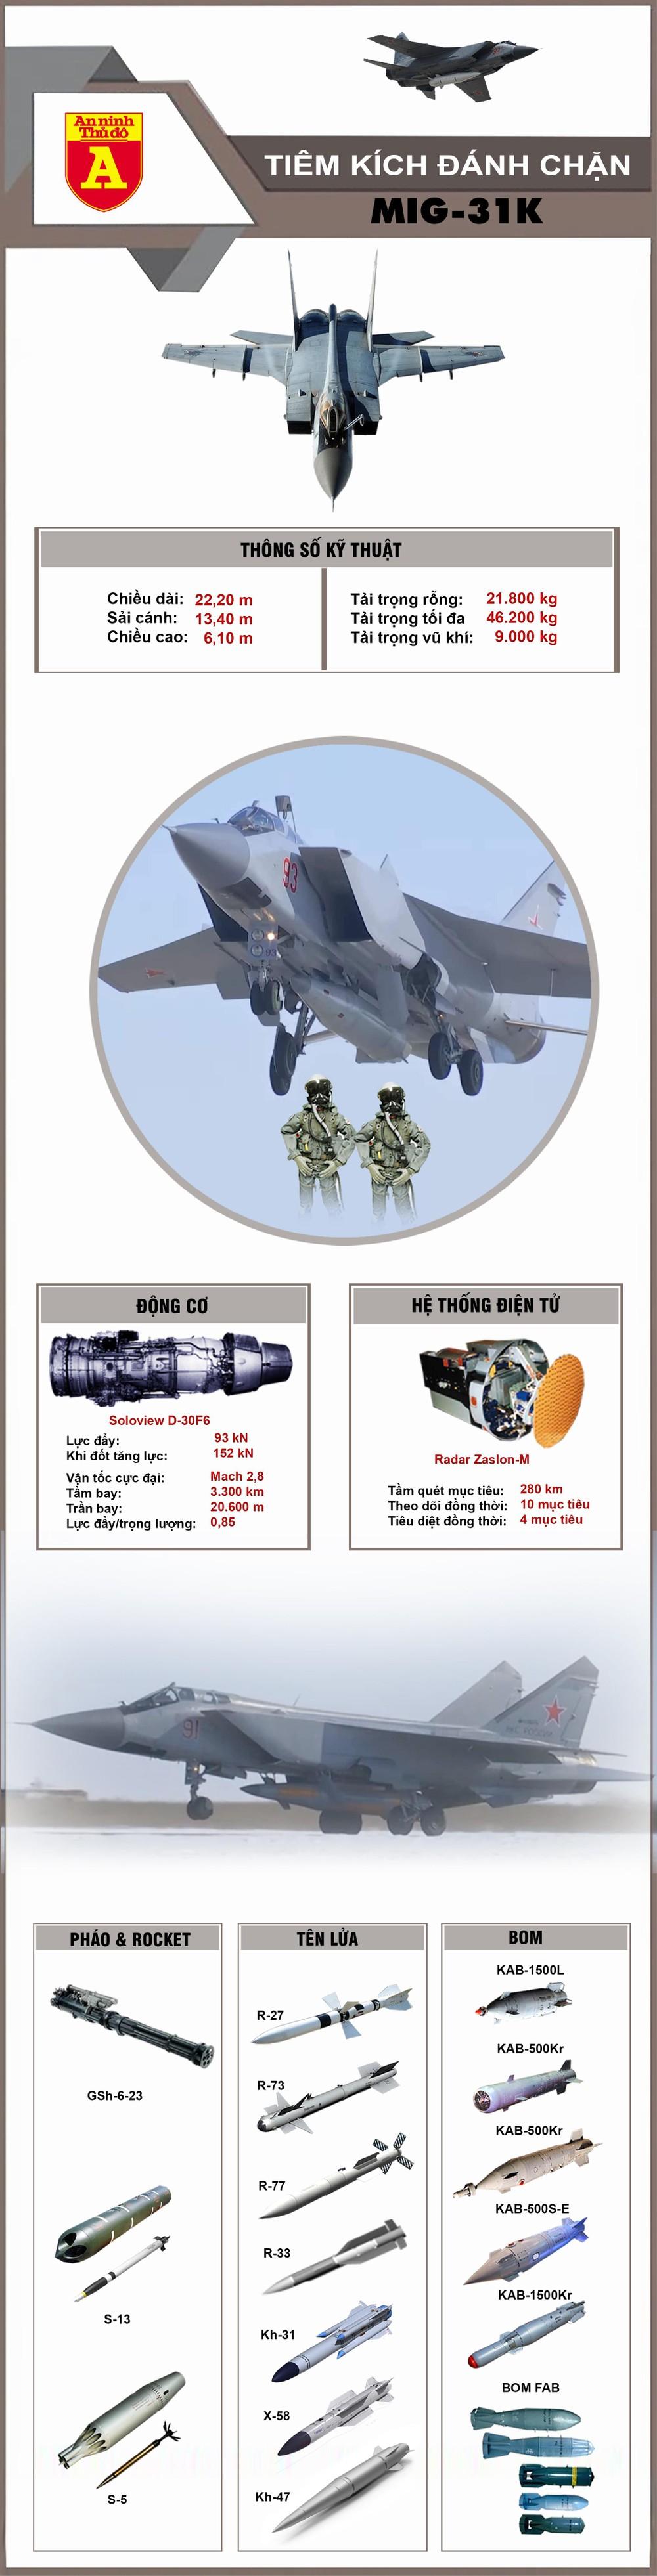 [info] MiG-31K Nga mang tên lửa Kh-47 tới Syria, động thái nhỏ ý nghĩa lớn ảnh 2